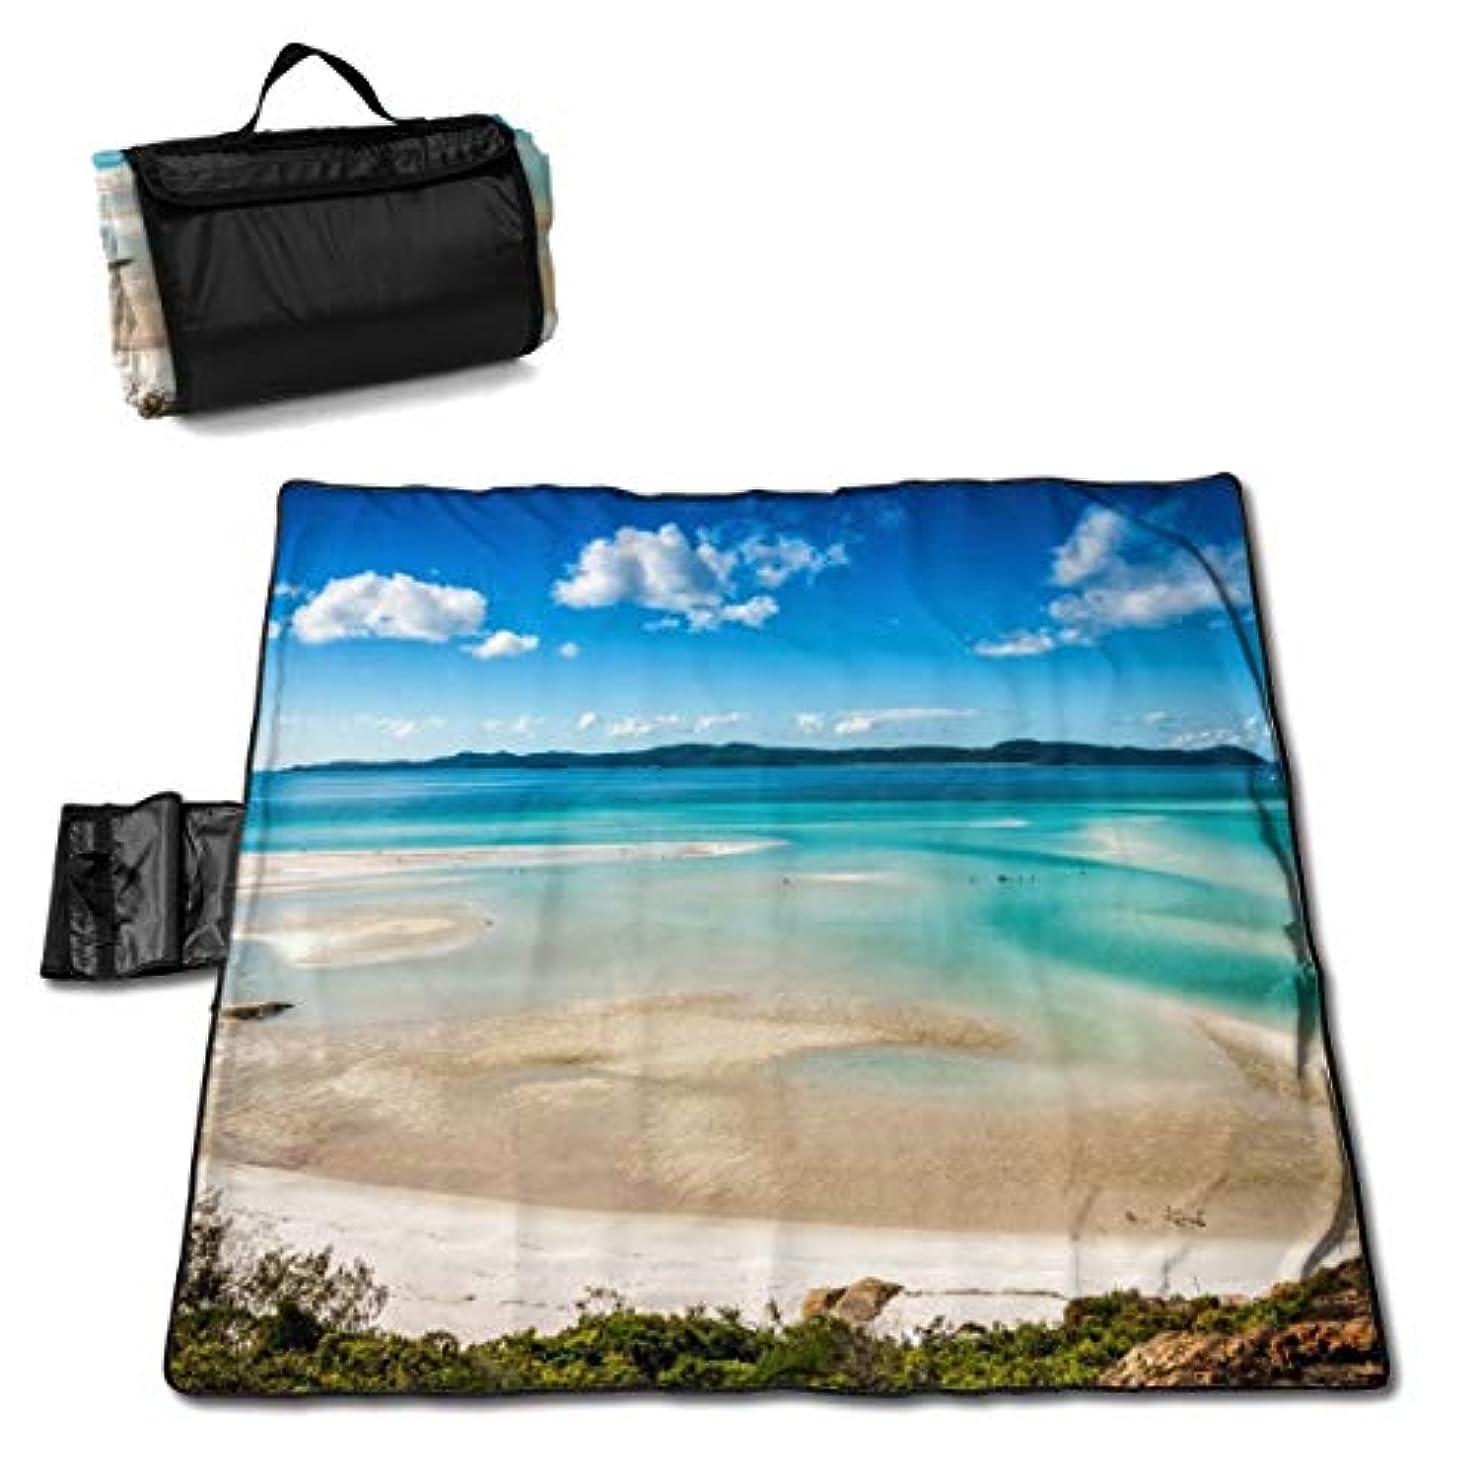 昇る経営者自動化Vvdsfsaaaレジャーシート 海辺 ピクニックマット防水 携帯便利 150×145cm 2~6人用